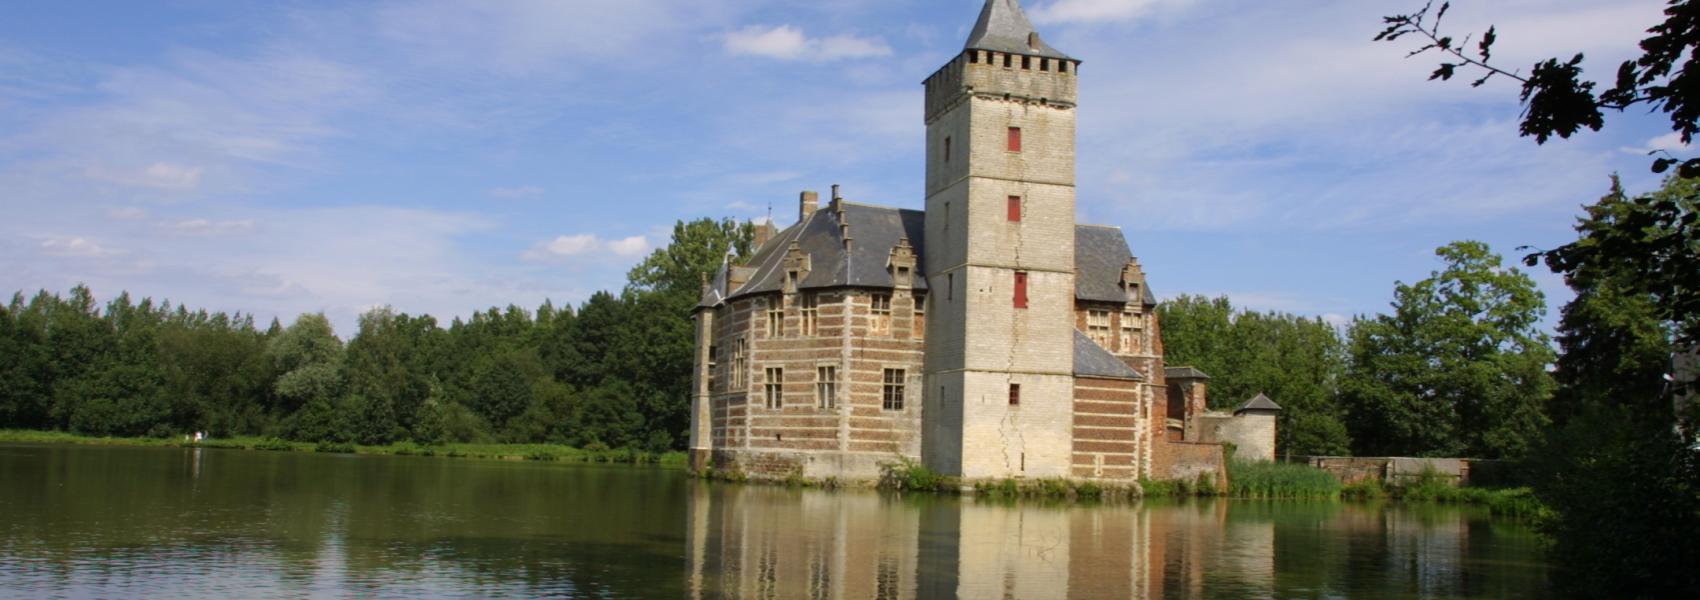 zicht op het kasteel bij het water